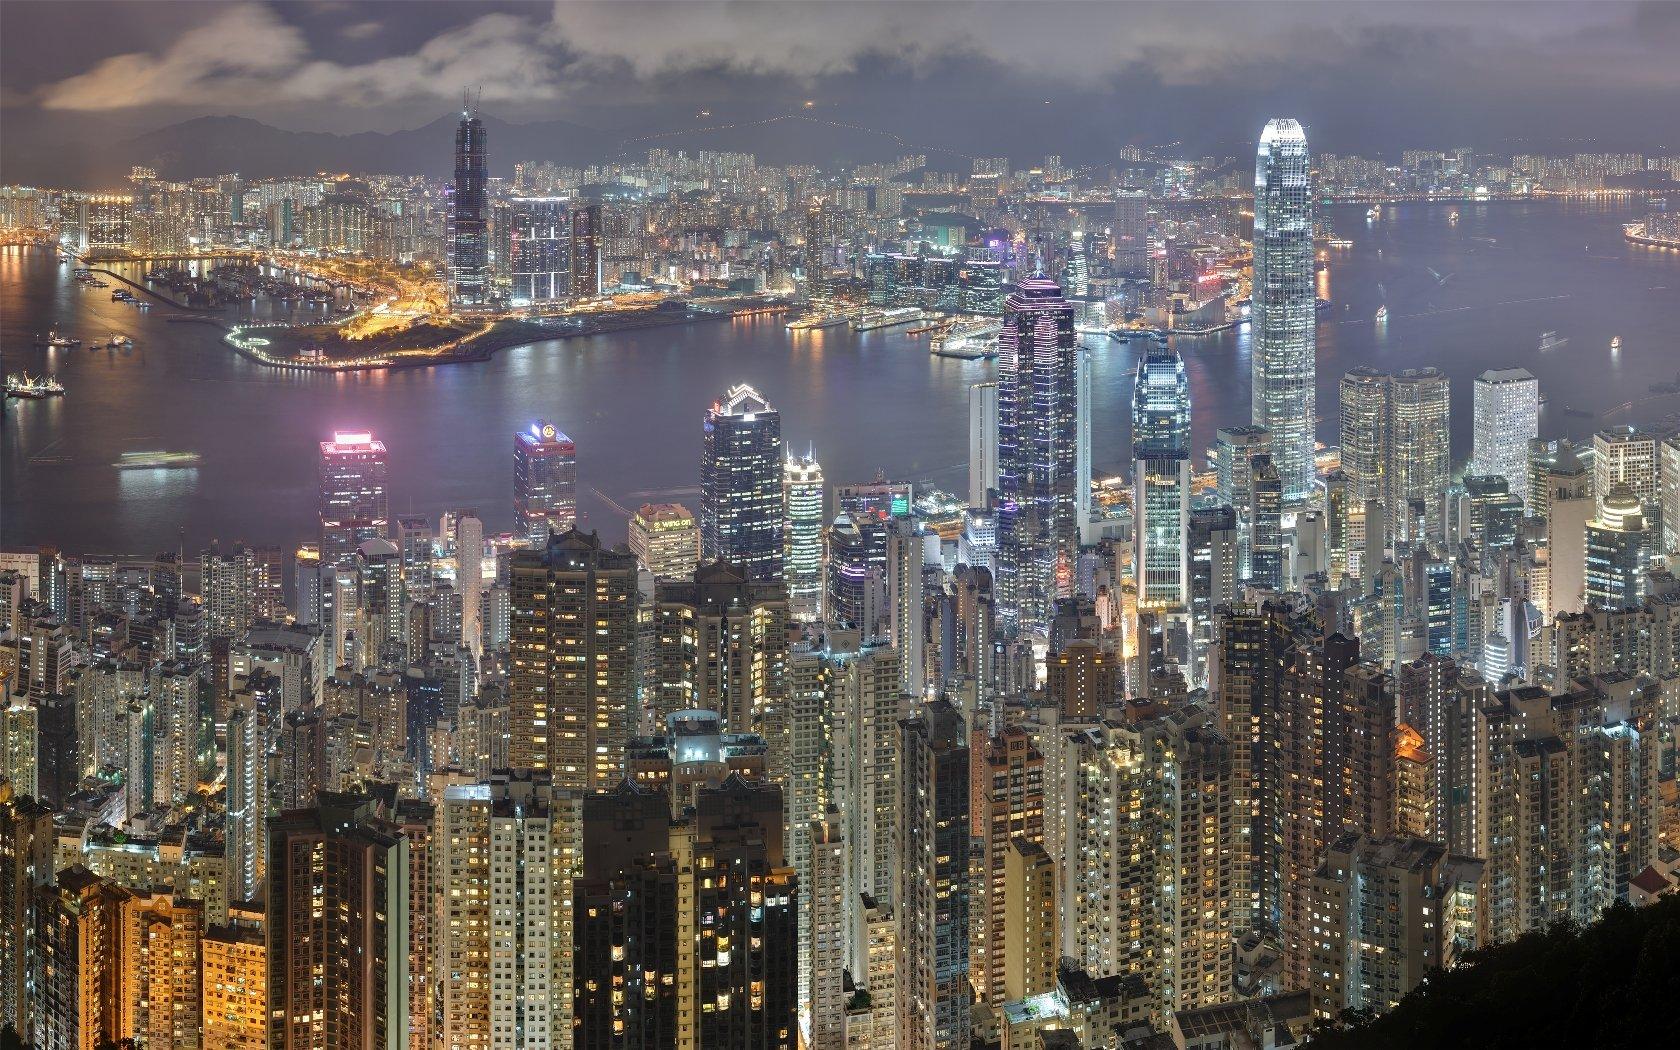 Хонконгийн эдийн засаг түүхэн дэх хамгийн муу үзүүлэлттэйгээ нүүр тулах төлөвтэй байна